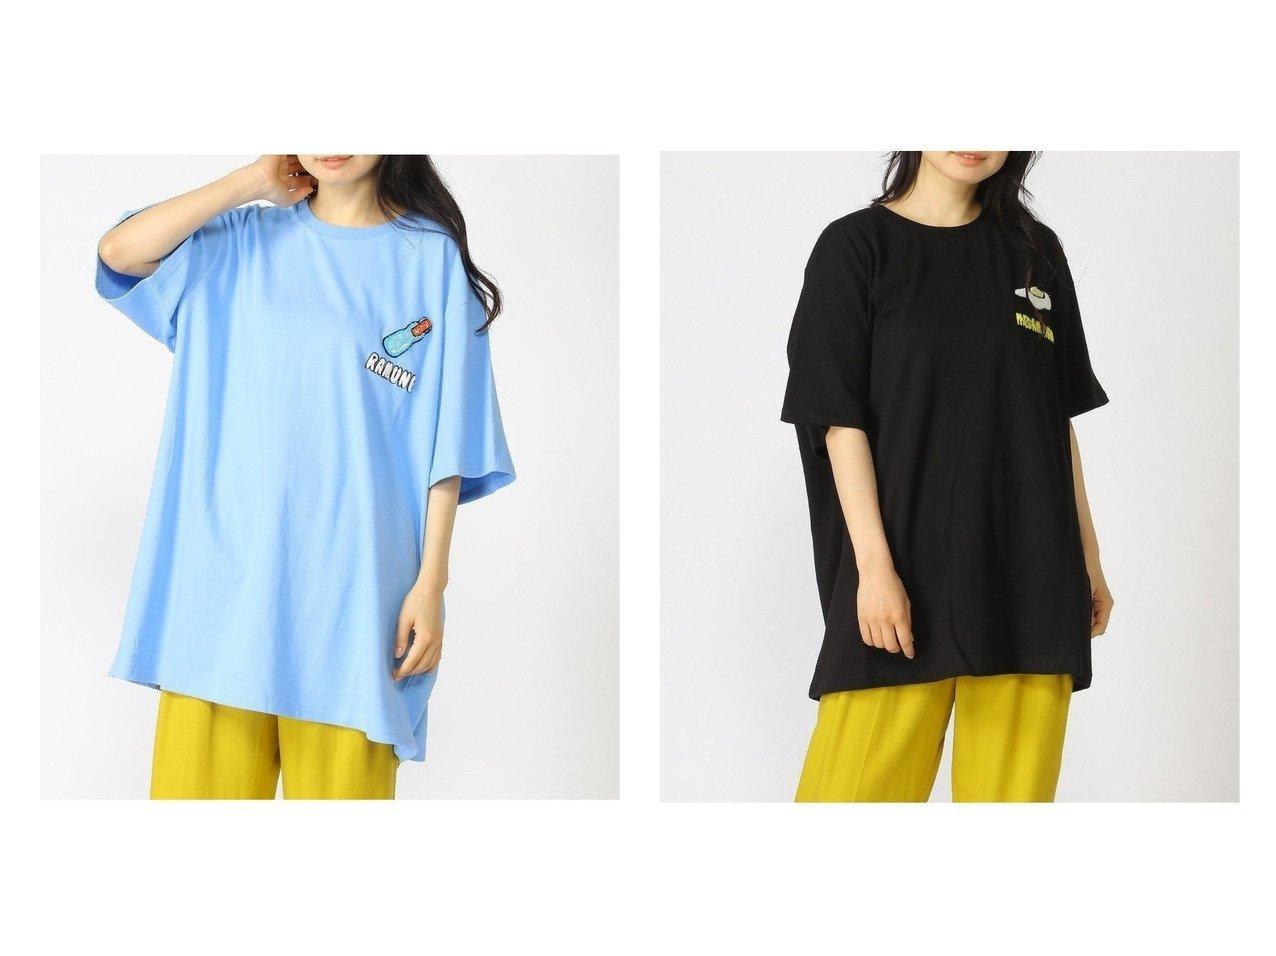 【PUNYUS/プニュズ】のフードサガラ刺繍Tシャツ おすすめ!人気、トレンド・レディースファッションの通販 おすすめで人気の流行・トレンド、ファッションの通販商品 インテリア・家具・メンズファッション・キッズファッション・レディースファッション・服の通販 founy(ファニー) https://founy.com/ ファッション Fashion レディースファッション WOMEN トップス・カットソー Tops/Tshirt シャツ/ブラウス Shirts/Blouses ロング / Tシャツ T-Shirts カットソー Cut and Sewn イエロー カットソー ワンポイント |ID:crp329100000061983